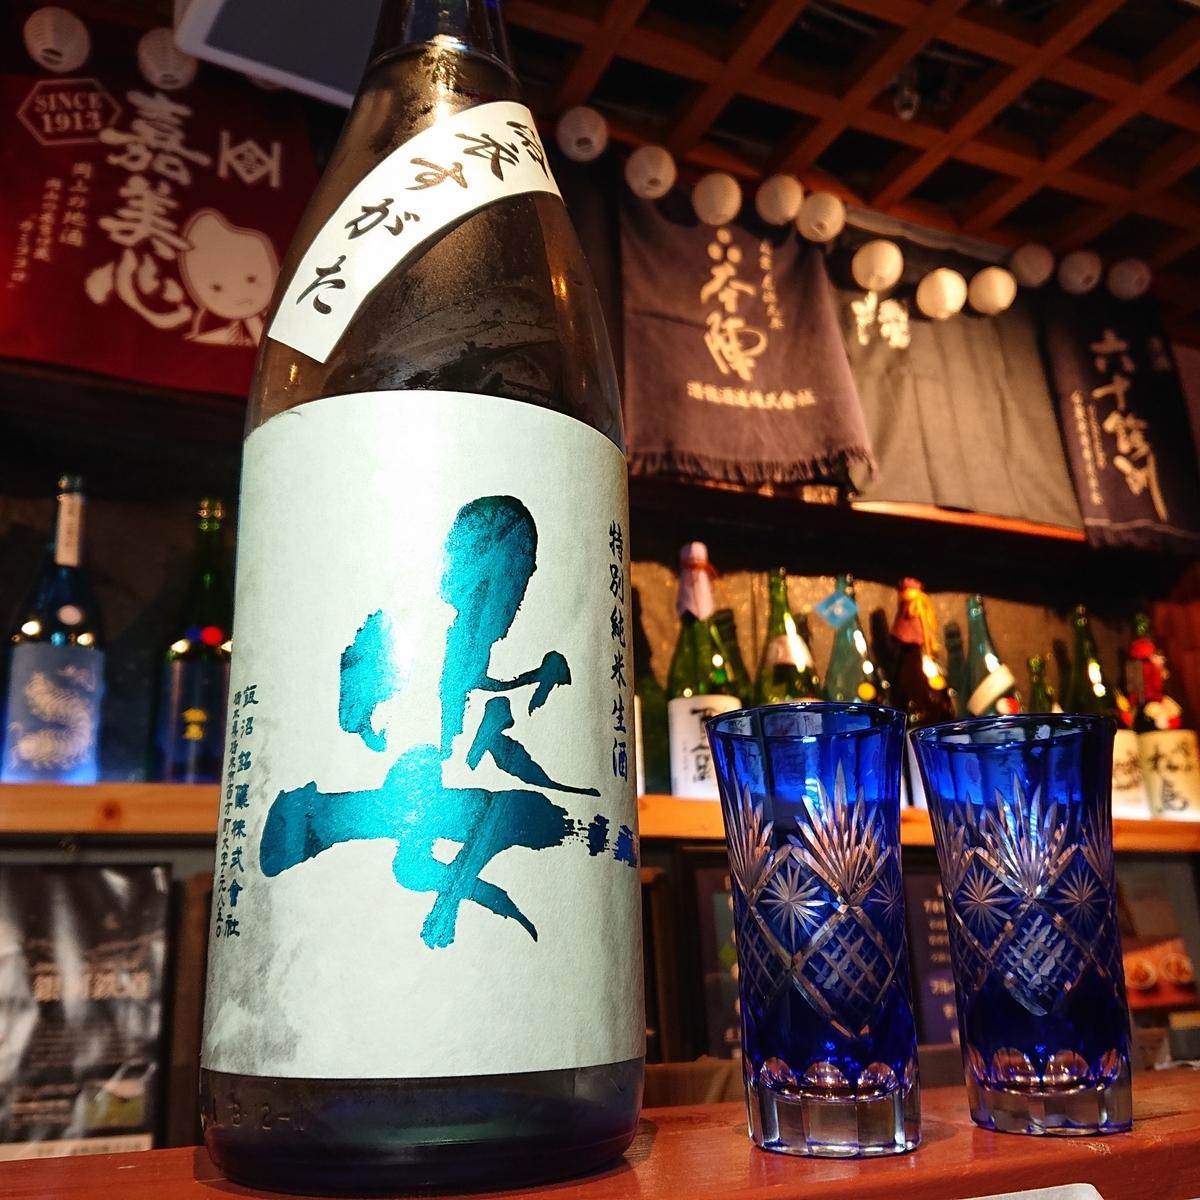 姿,栃木,飯沼本家,夏の生酒,佐世保唯一の日本酒専門バータイム